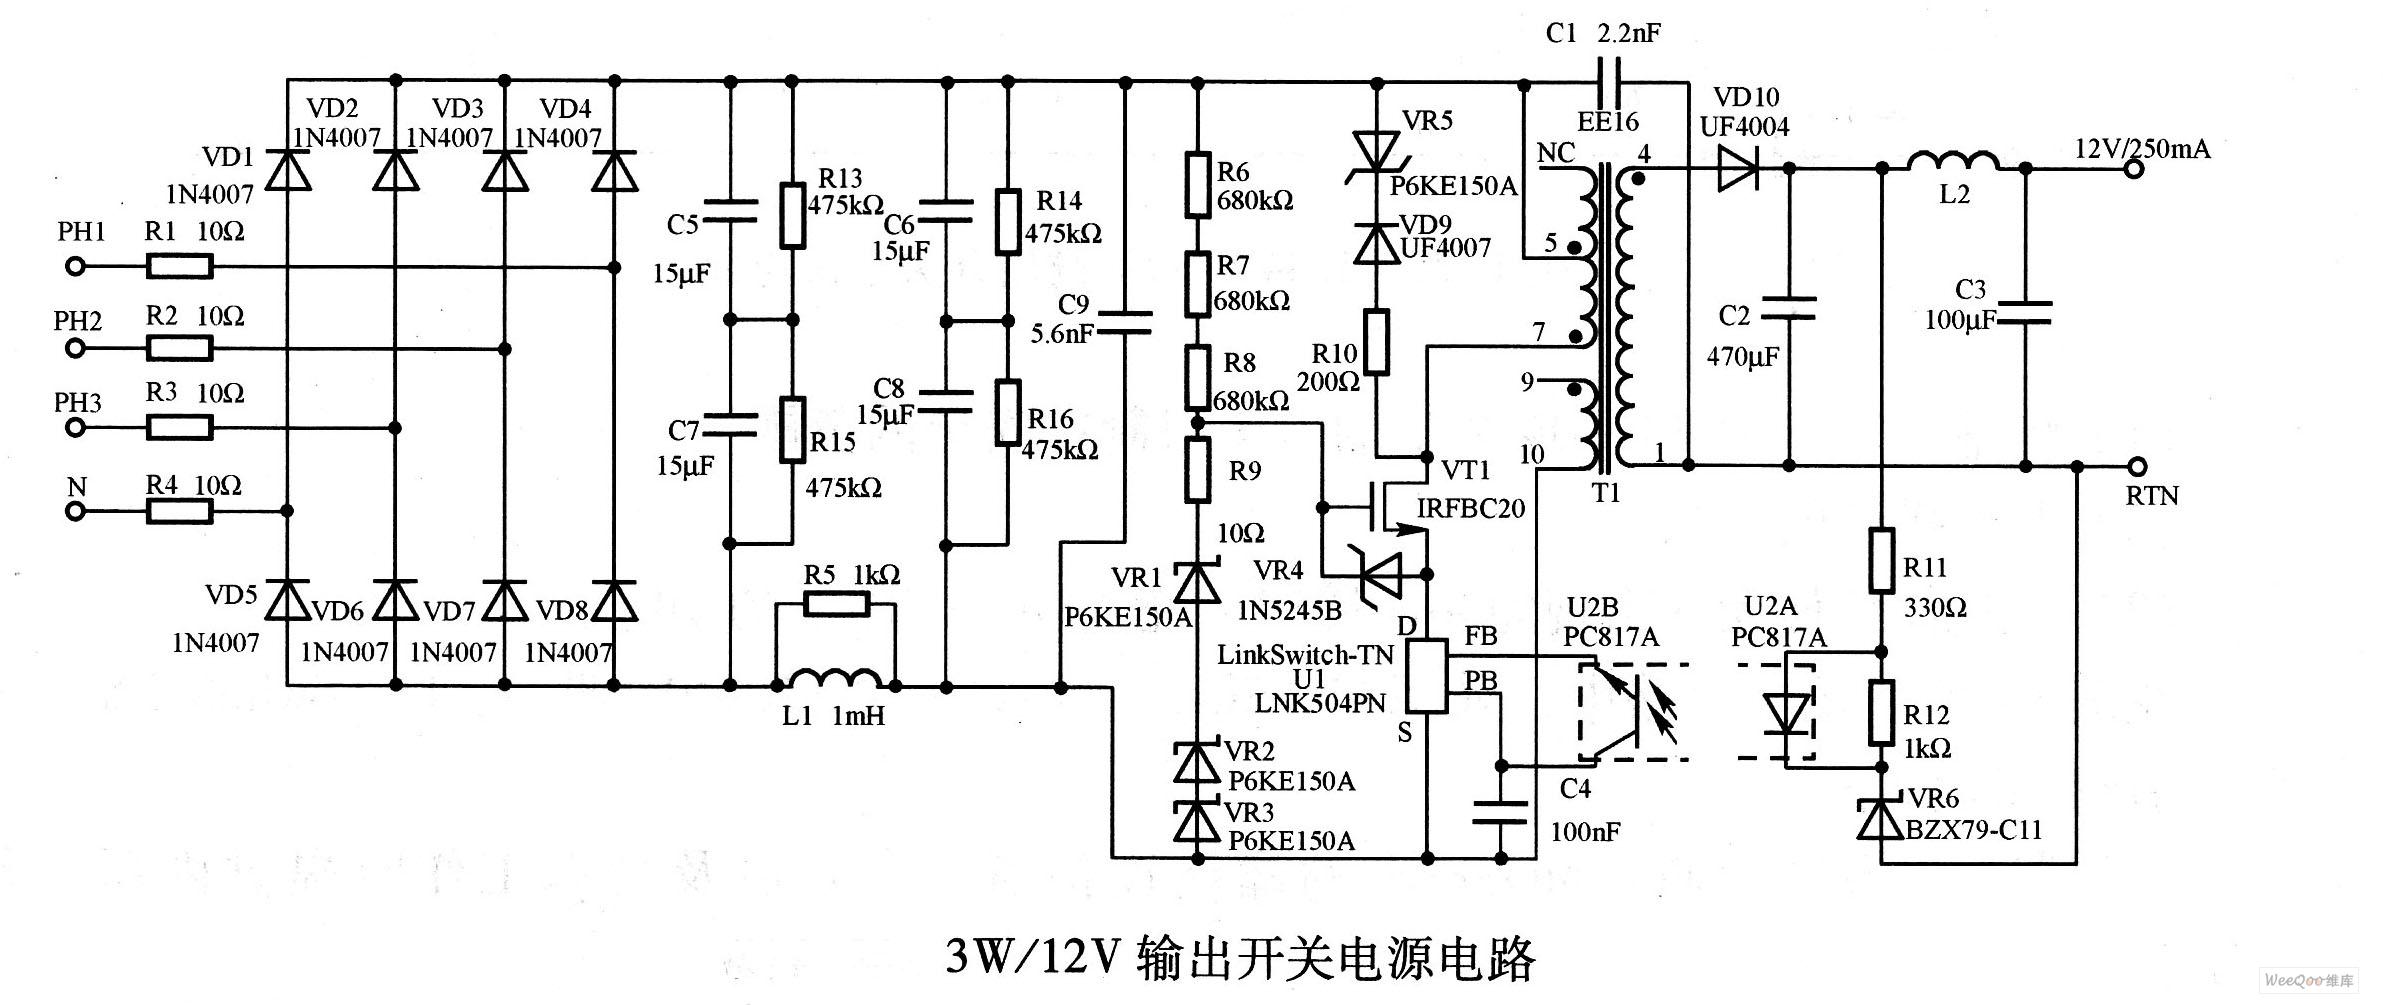 【图】3w/12v输出开关电源电路电源电路